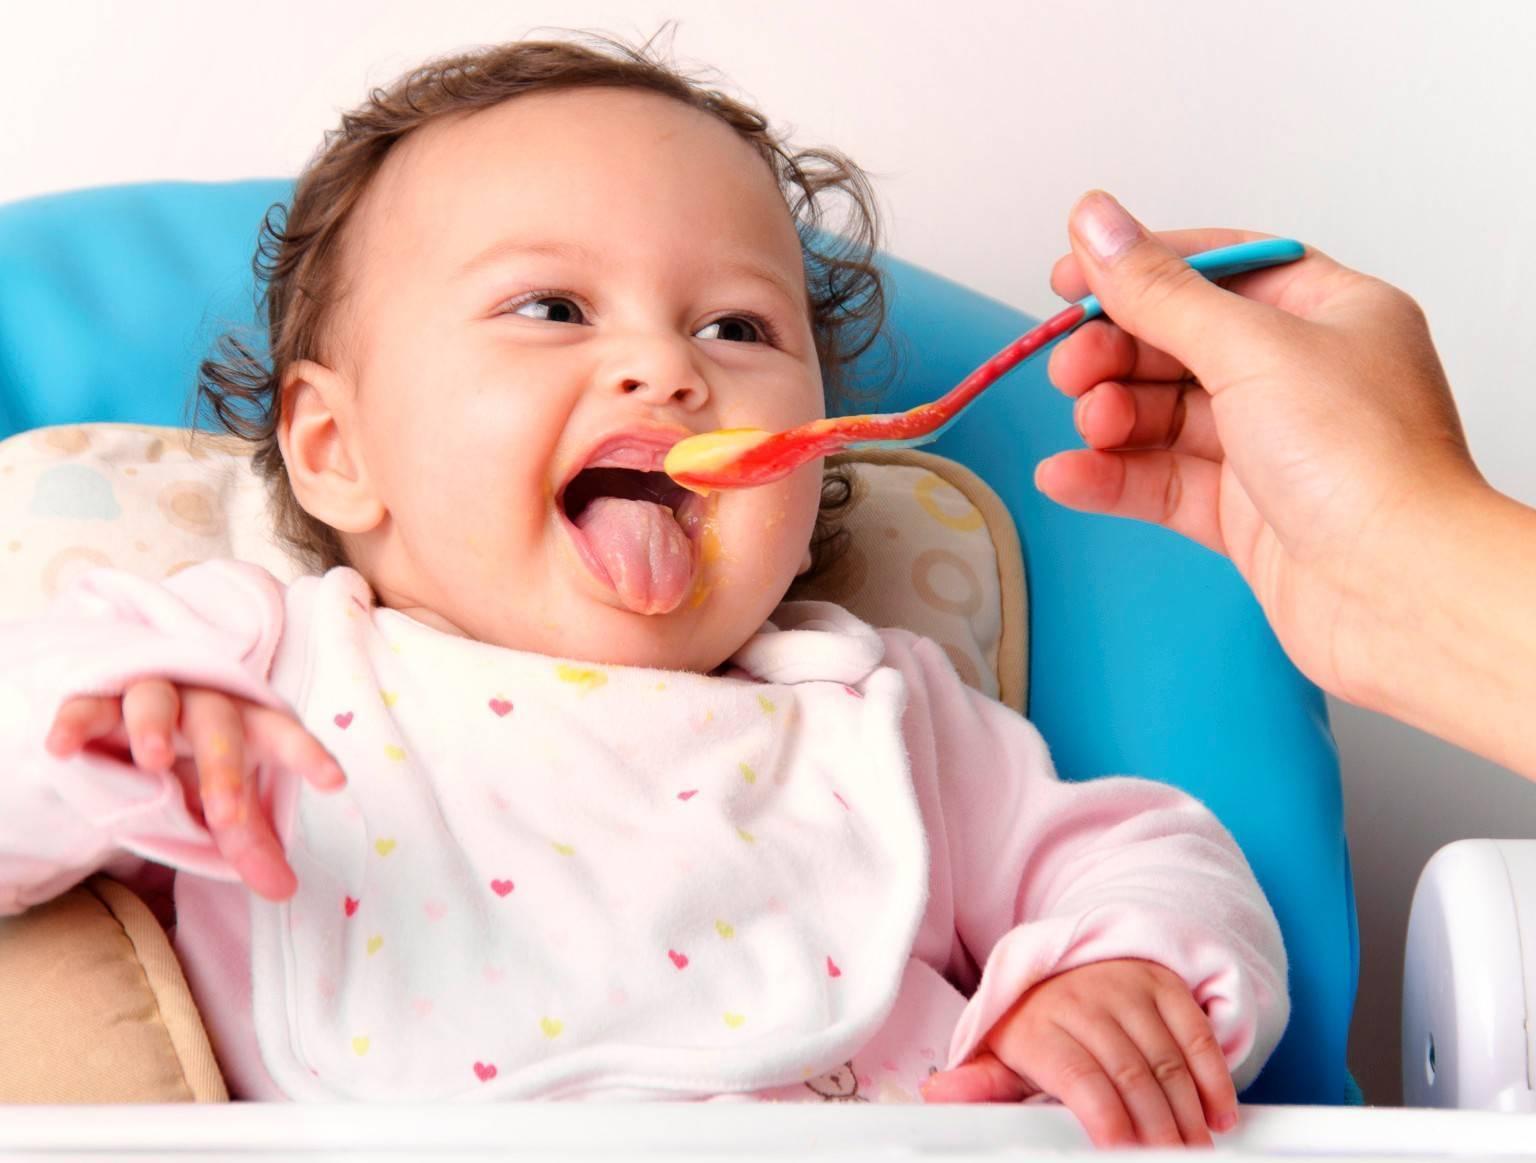 Ребенок не ест кашу: как научить и заставить есть безмолочные каши в 7 месяцев, как приучить и почему грудничок отказывается